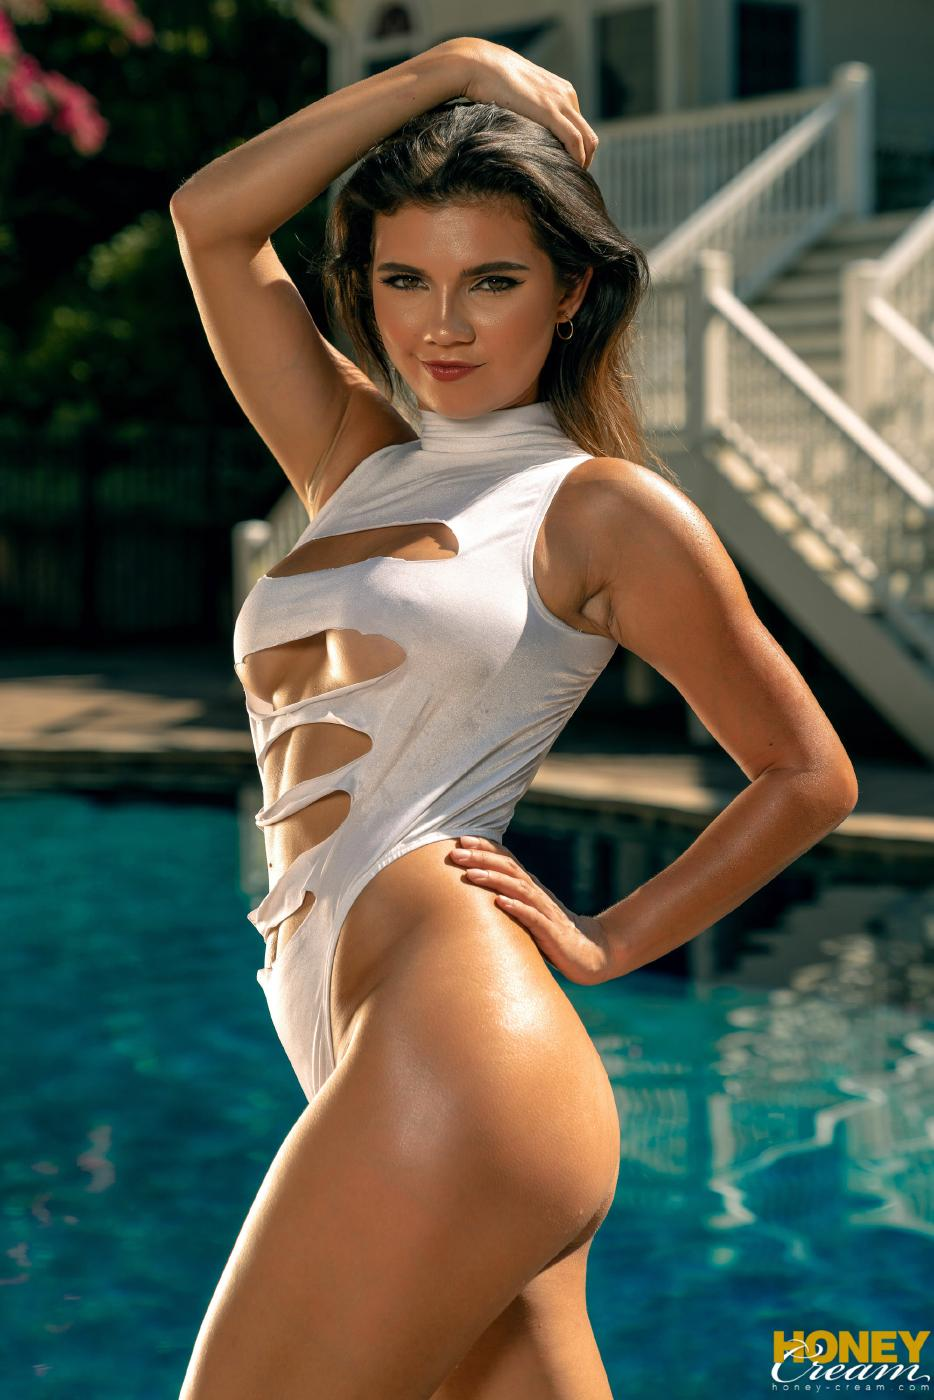 Bikini Pool Strip Nude Photos Leaked